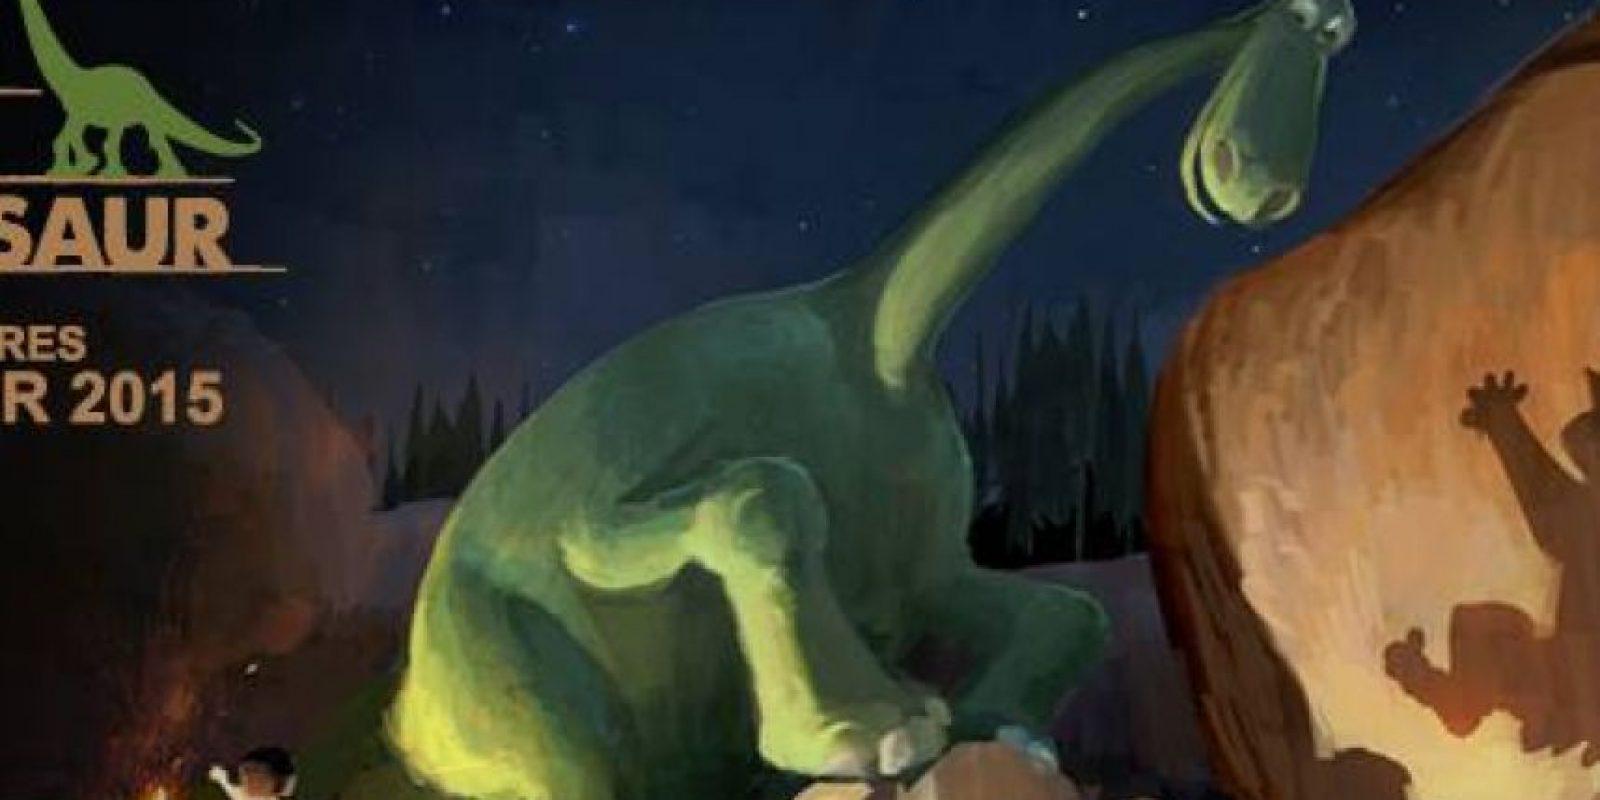 """Siguiendo la línea de Pixar de crear historias con la pregunta: """"¿qué pasaría si…?"""", este filme plantea qué es lo que hubiera pasado si el meteorito que condenó a los dinosaurios a la extinción hubiera esquivado nuestro planeta. Arlo, el más pequeño de una familia de brontosaurios granjeros se embarca en una aventura en busca de su hogar al lado de un pequeño niño humano. Peter Sohn será el director de la cinta que estrena en noviembre de 2015. Foto:Facebook/The Good Dinosaur"""